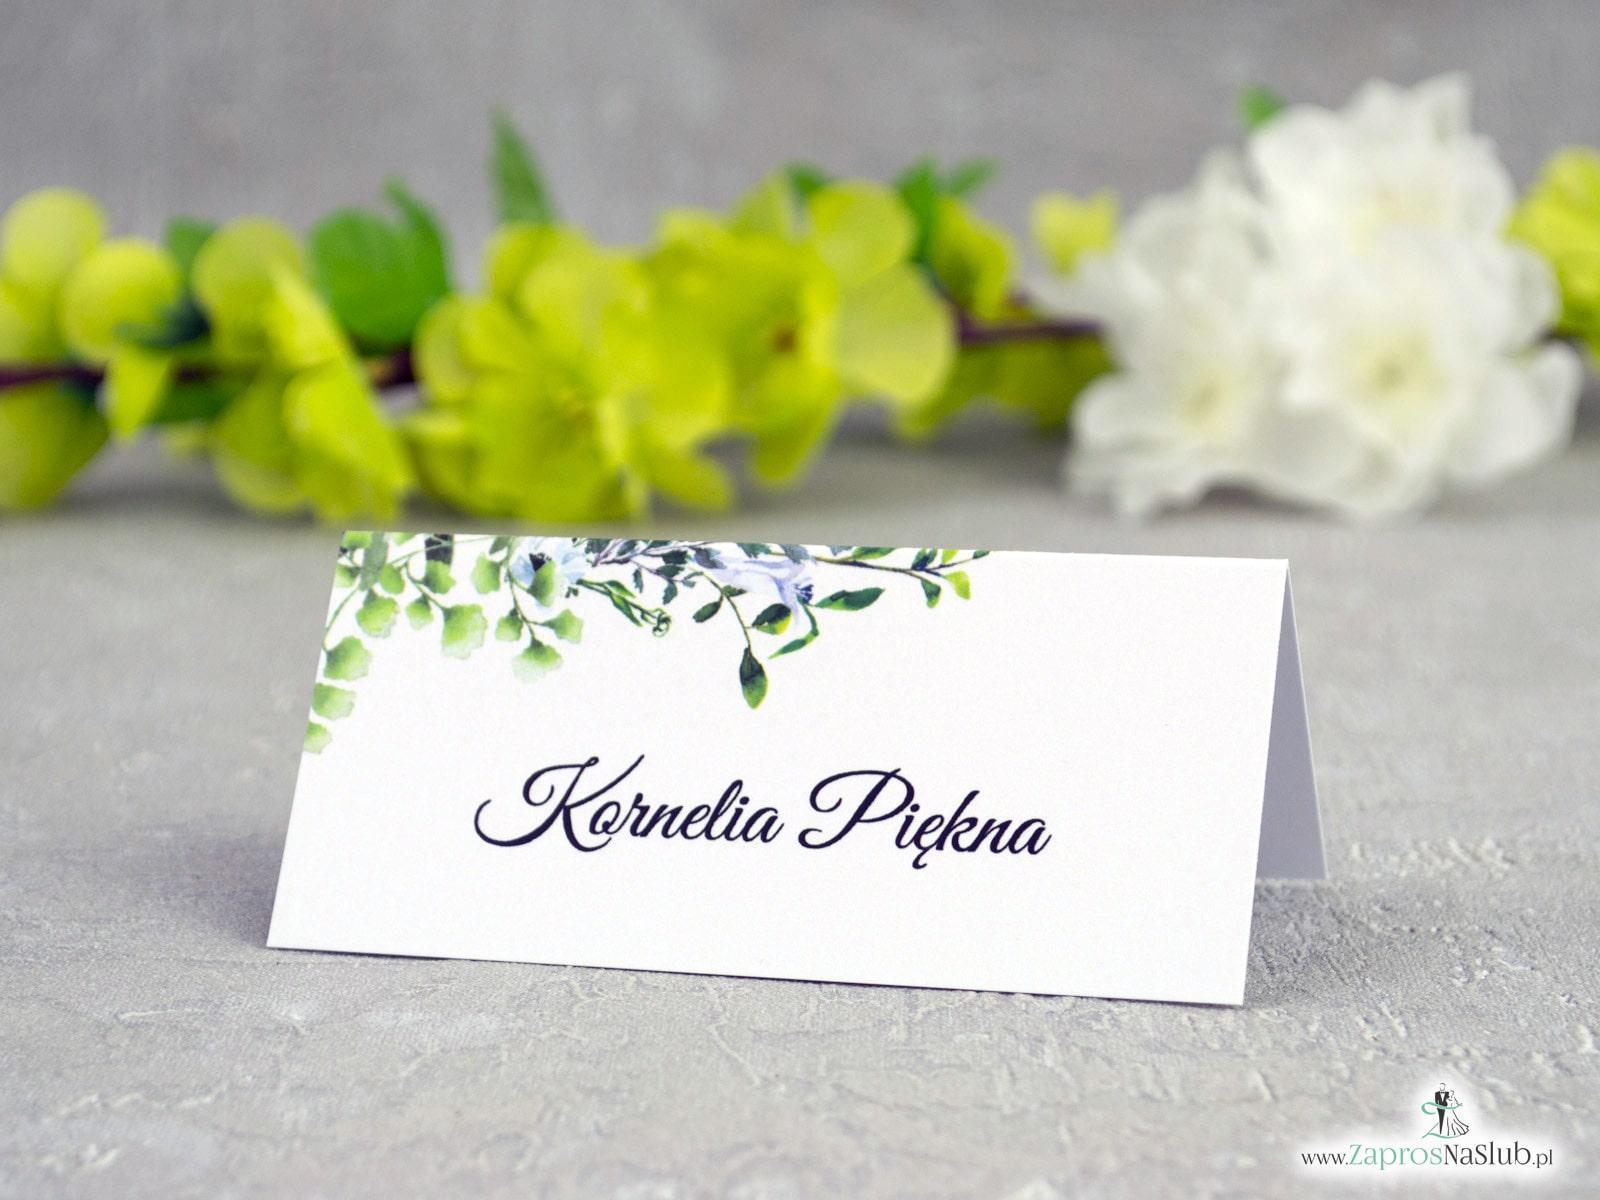 Winietki na stół boho z zielonymi liśćmi WIN-41-26